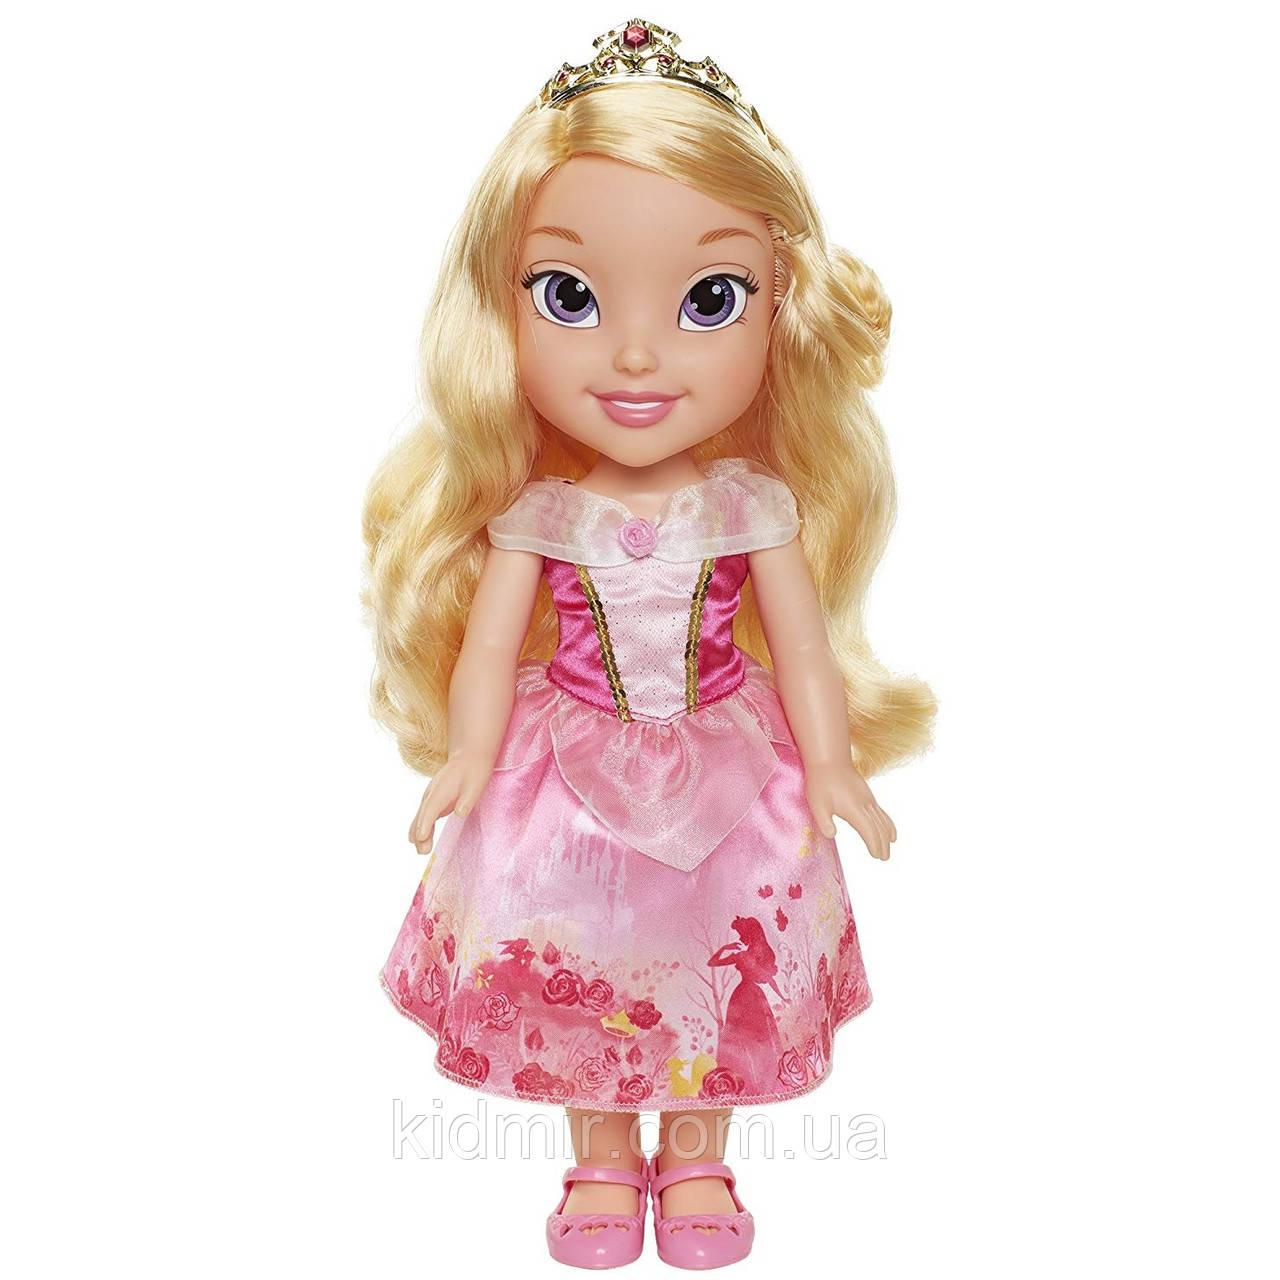 Принцесса Дисней Аврора Кукла малышка Jakks Pacific 78860